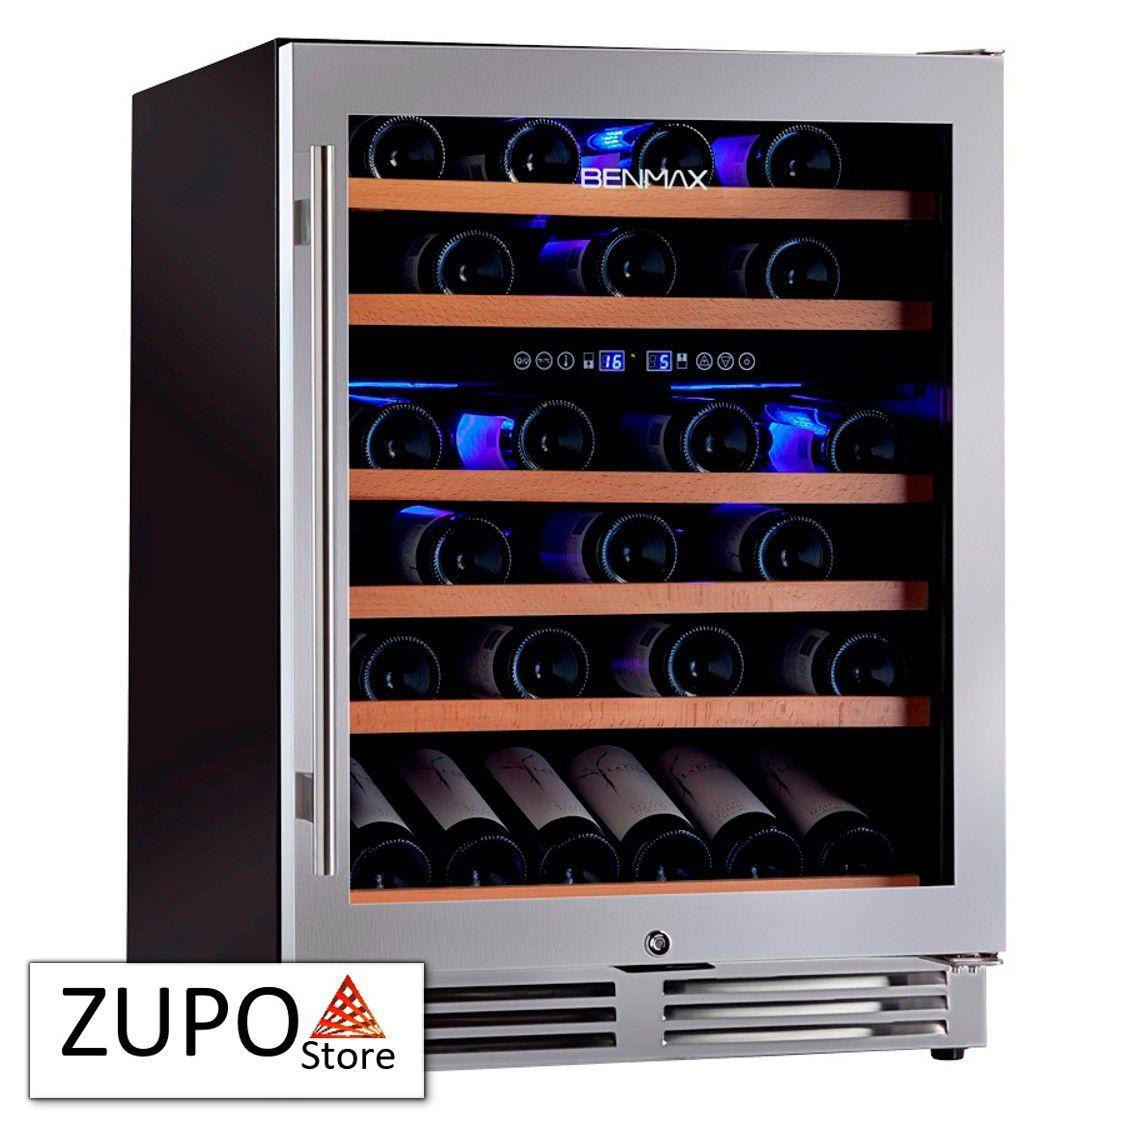 Adega de Vinhos Climatizada para 51 Garrafas de Vinho com Temperatura Dual Zone Benmax - BAC51 - 127V